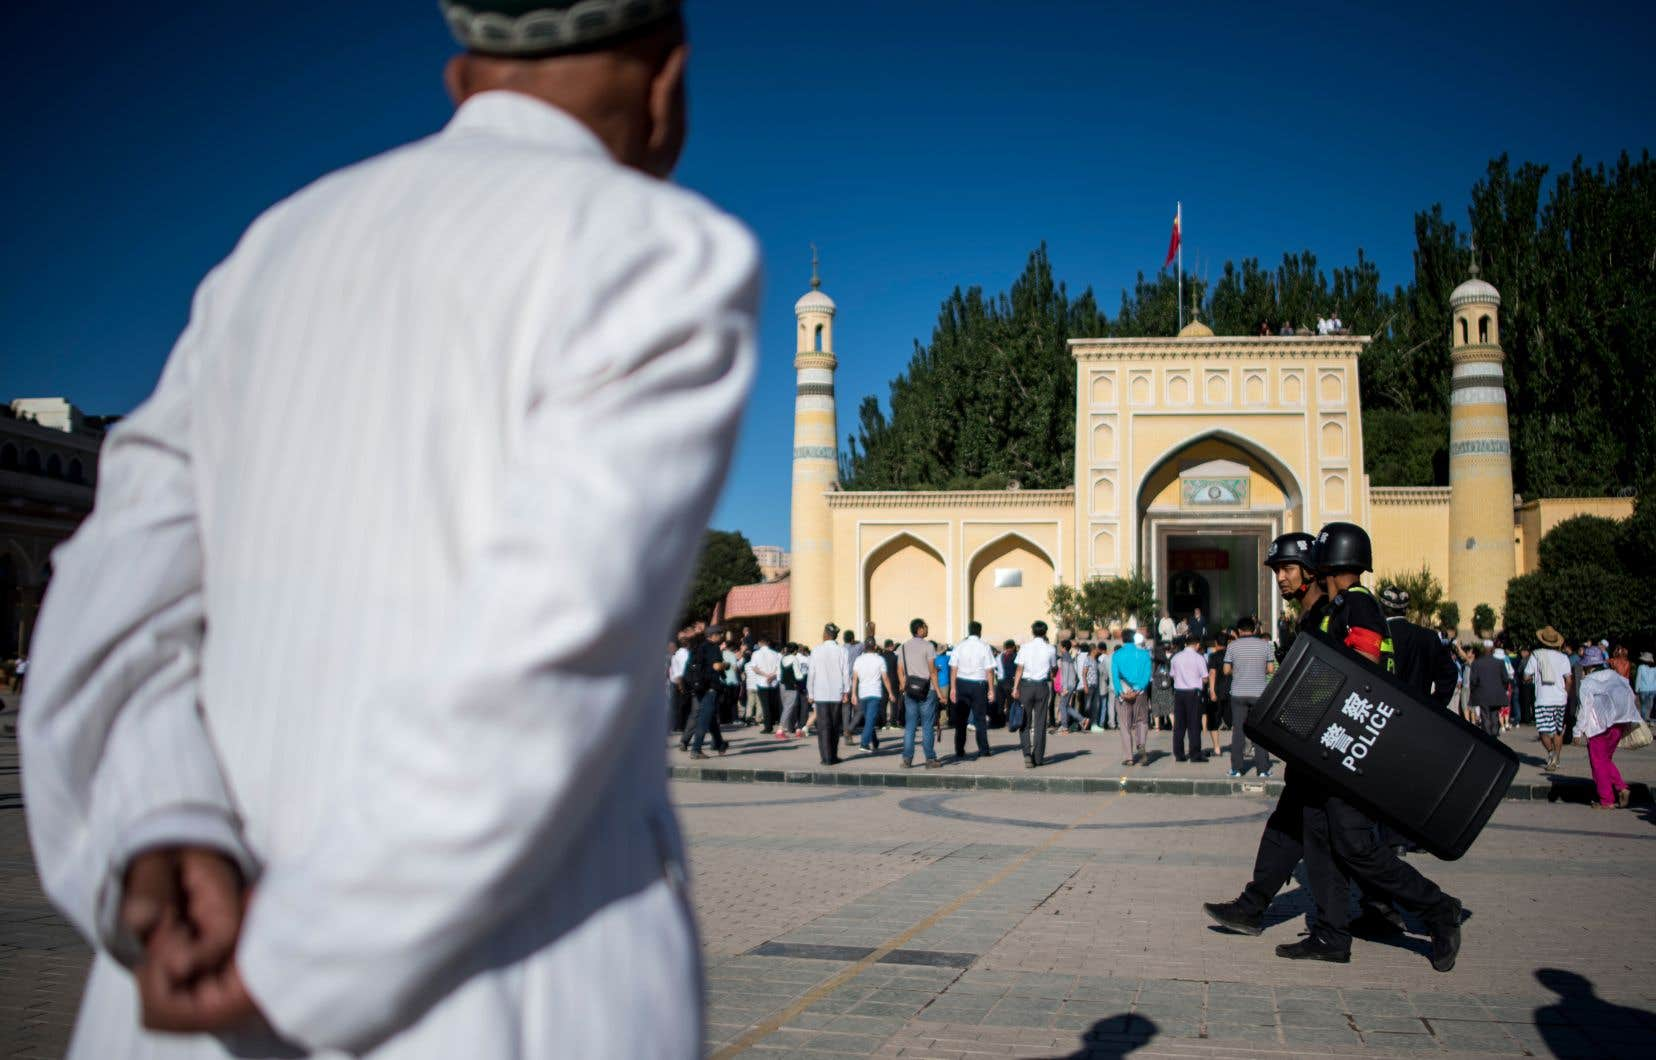 Au Xinjiang, les Ouïghours et autres minorités musulmanes sont punis pour avoir contrevenu aux lois interdisant le port de la barbe et des burqas, et pour possession de corans non autorisés.